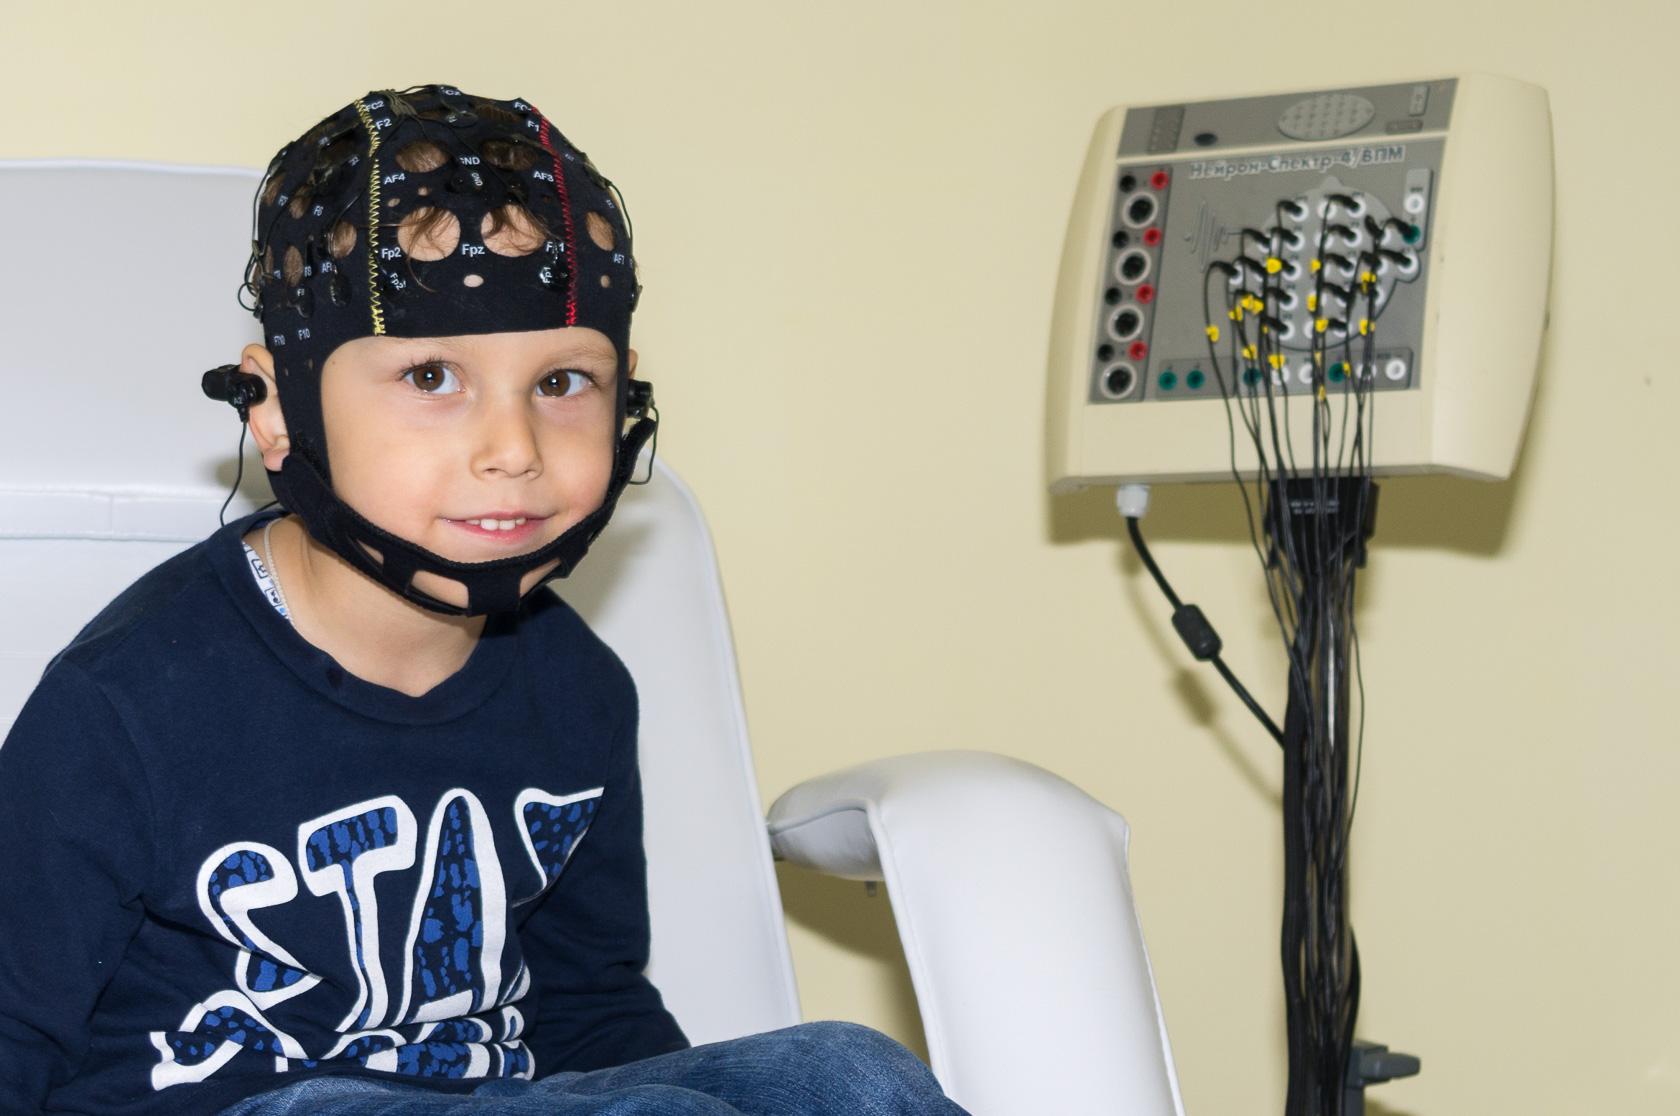 Ребенок с шапочкой при обследовании